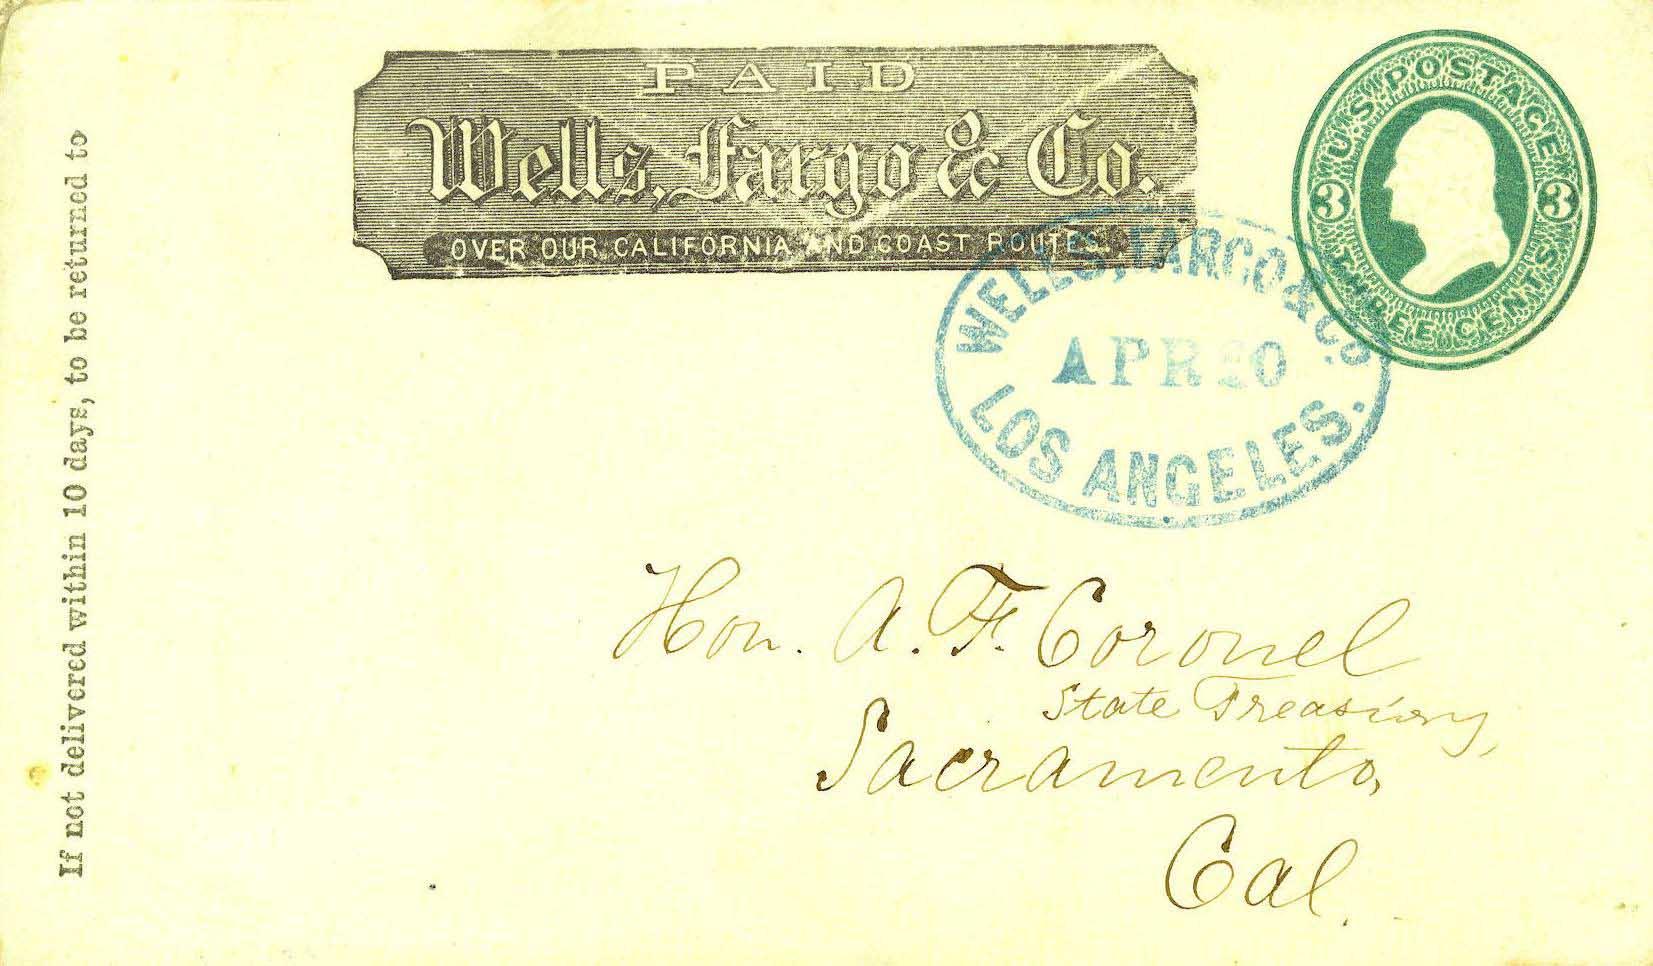 WC11112 LOS ANGELES, CA 11 9,bl U82